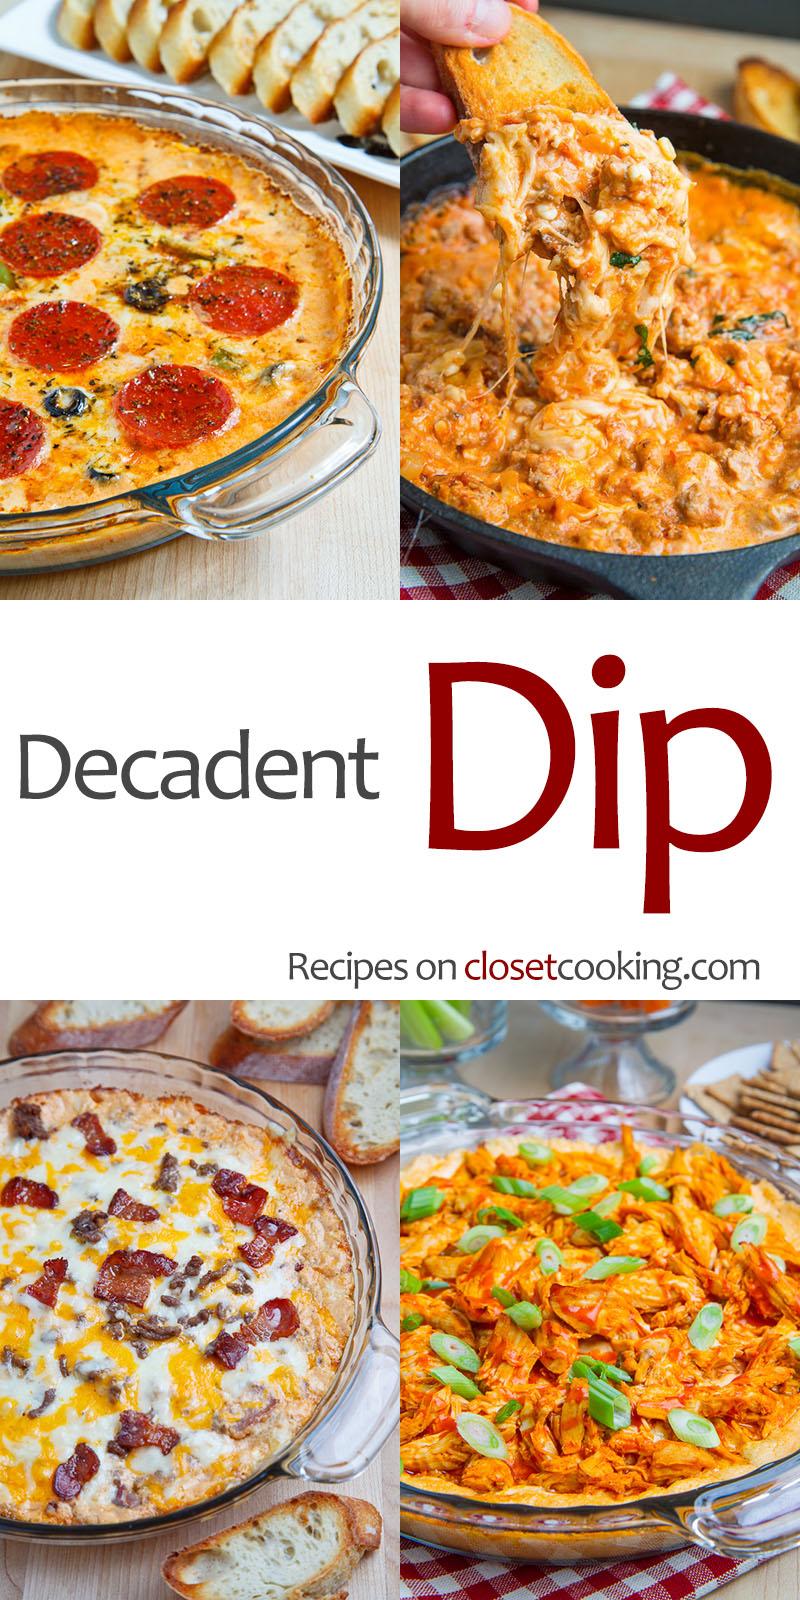 Decadent Dips